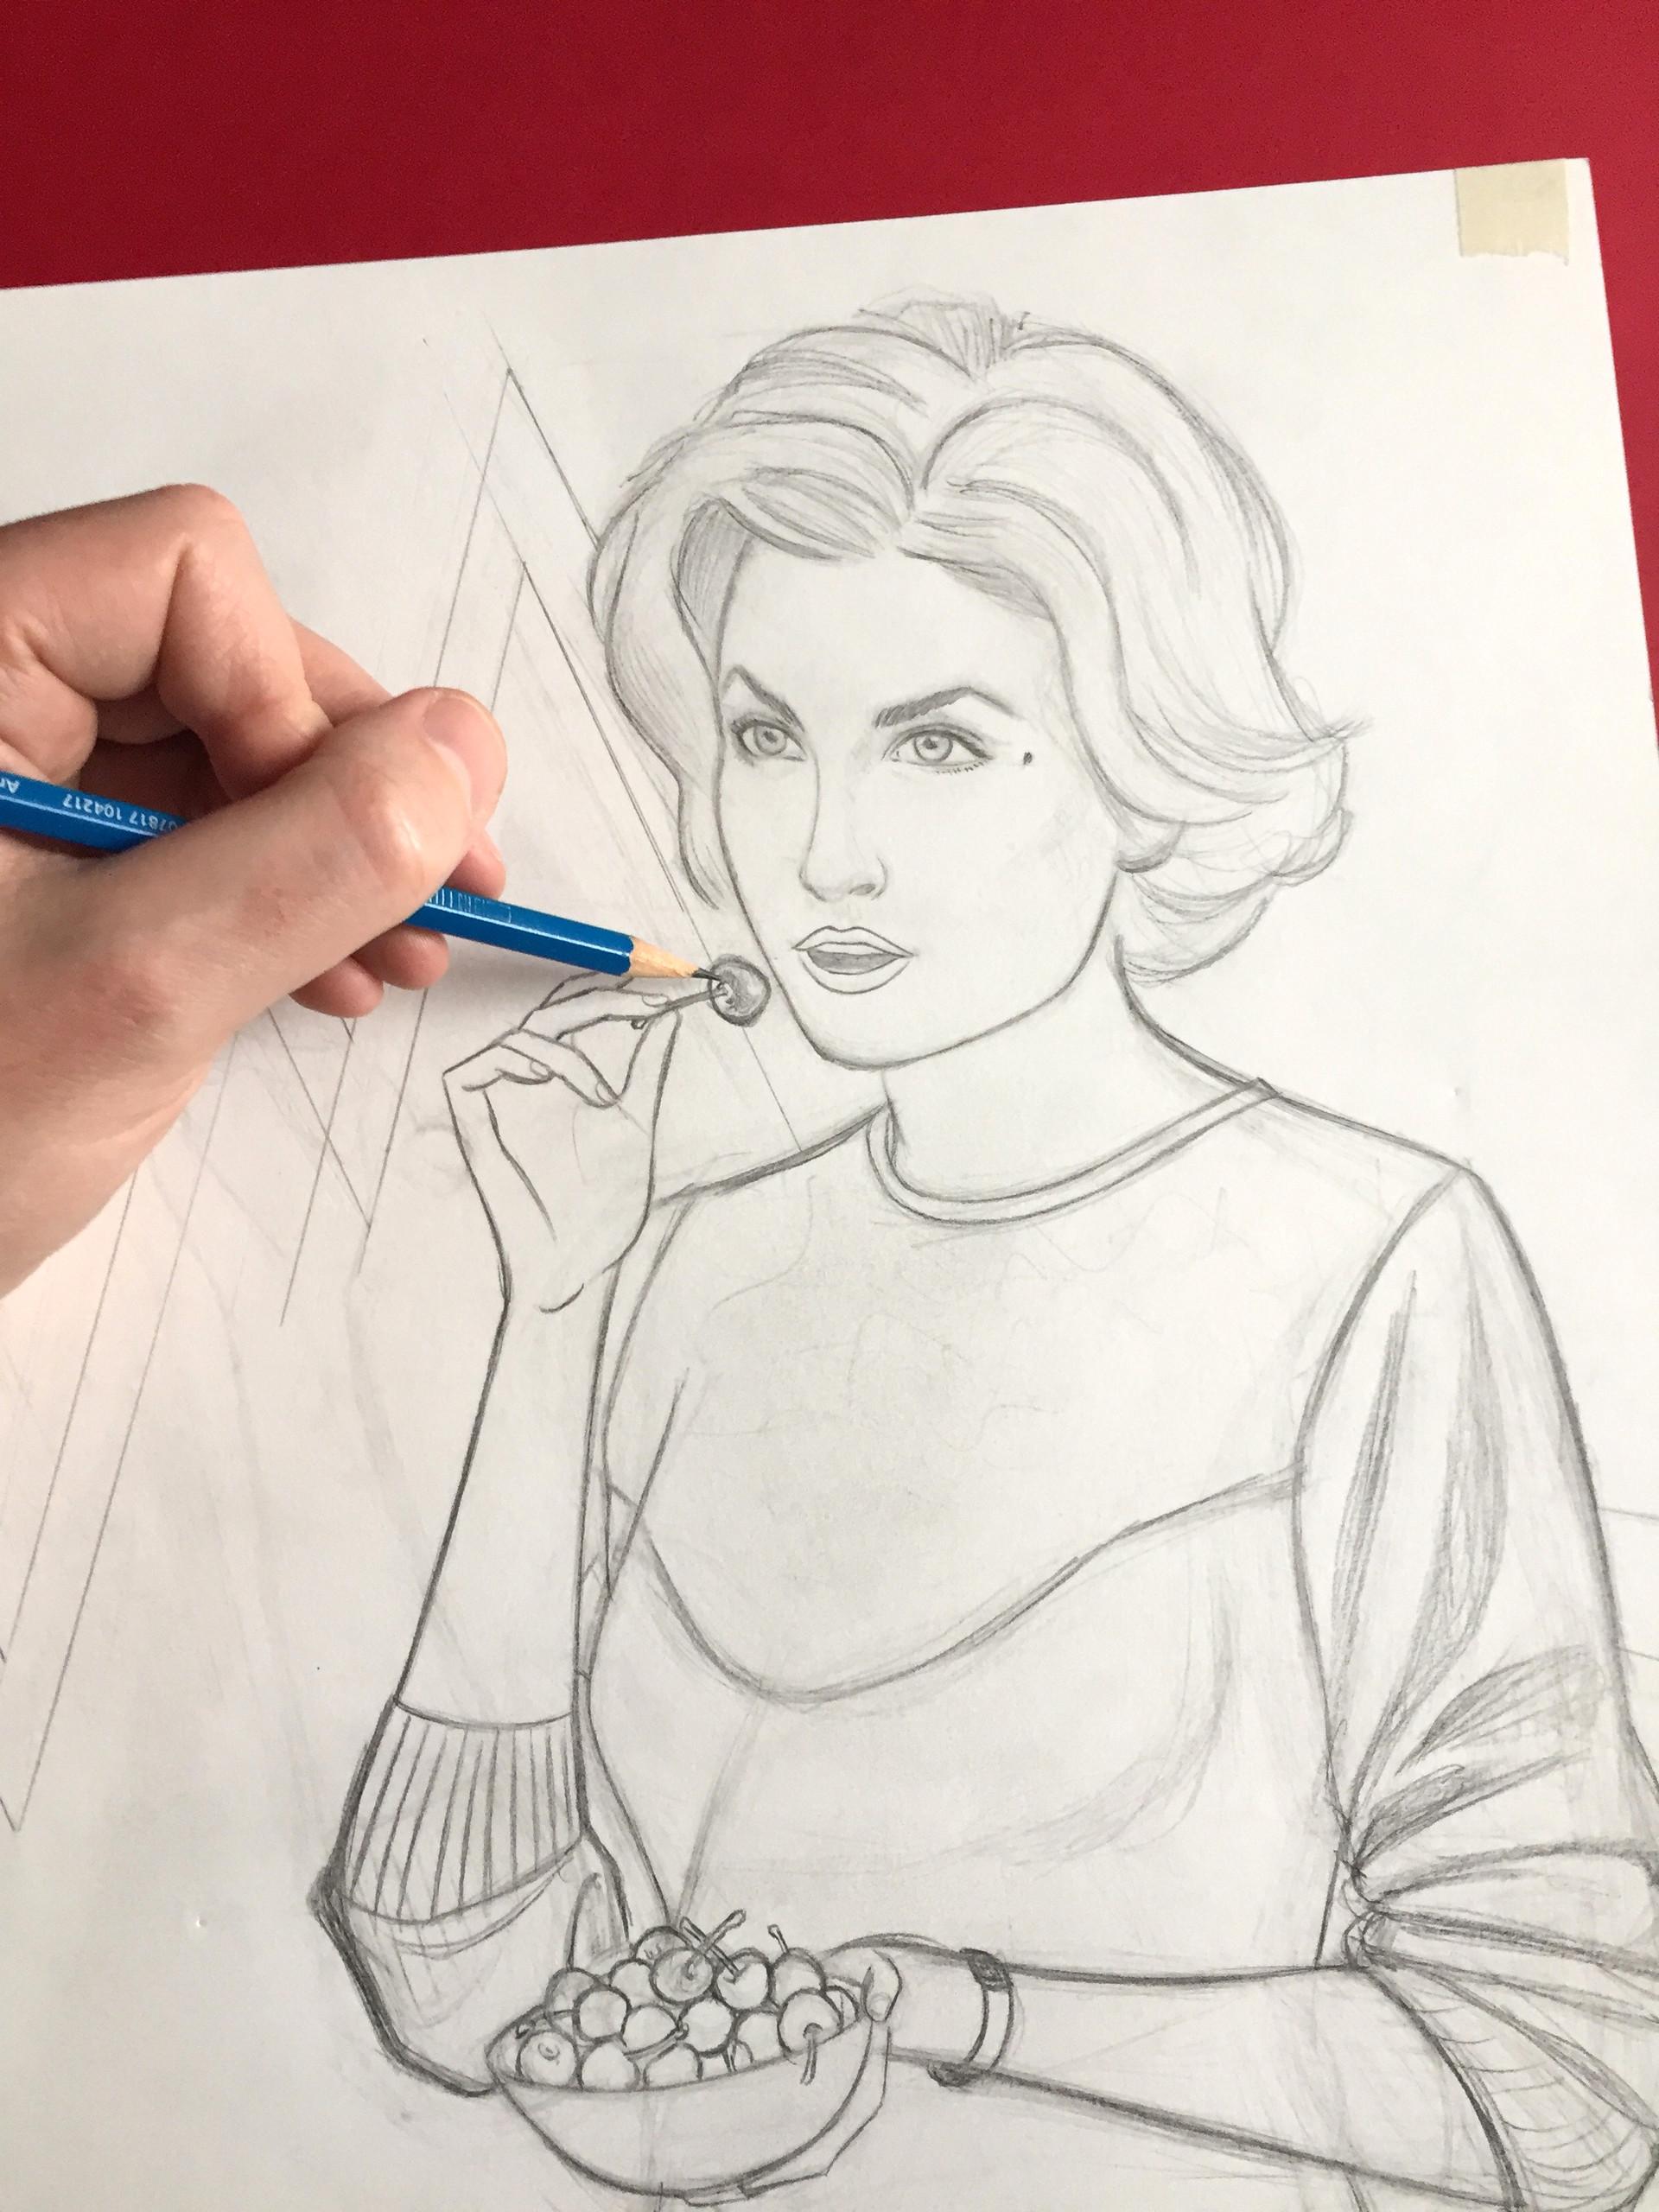 Audrey Horne - Twin Peaks in progress. IIlustration © GeoffreyBeloeil